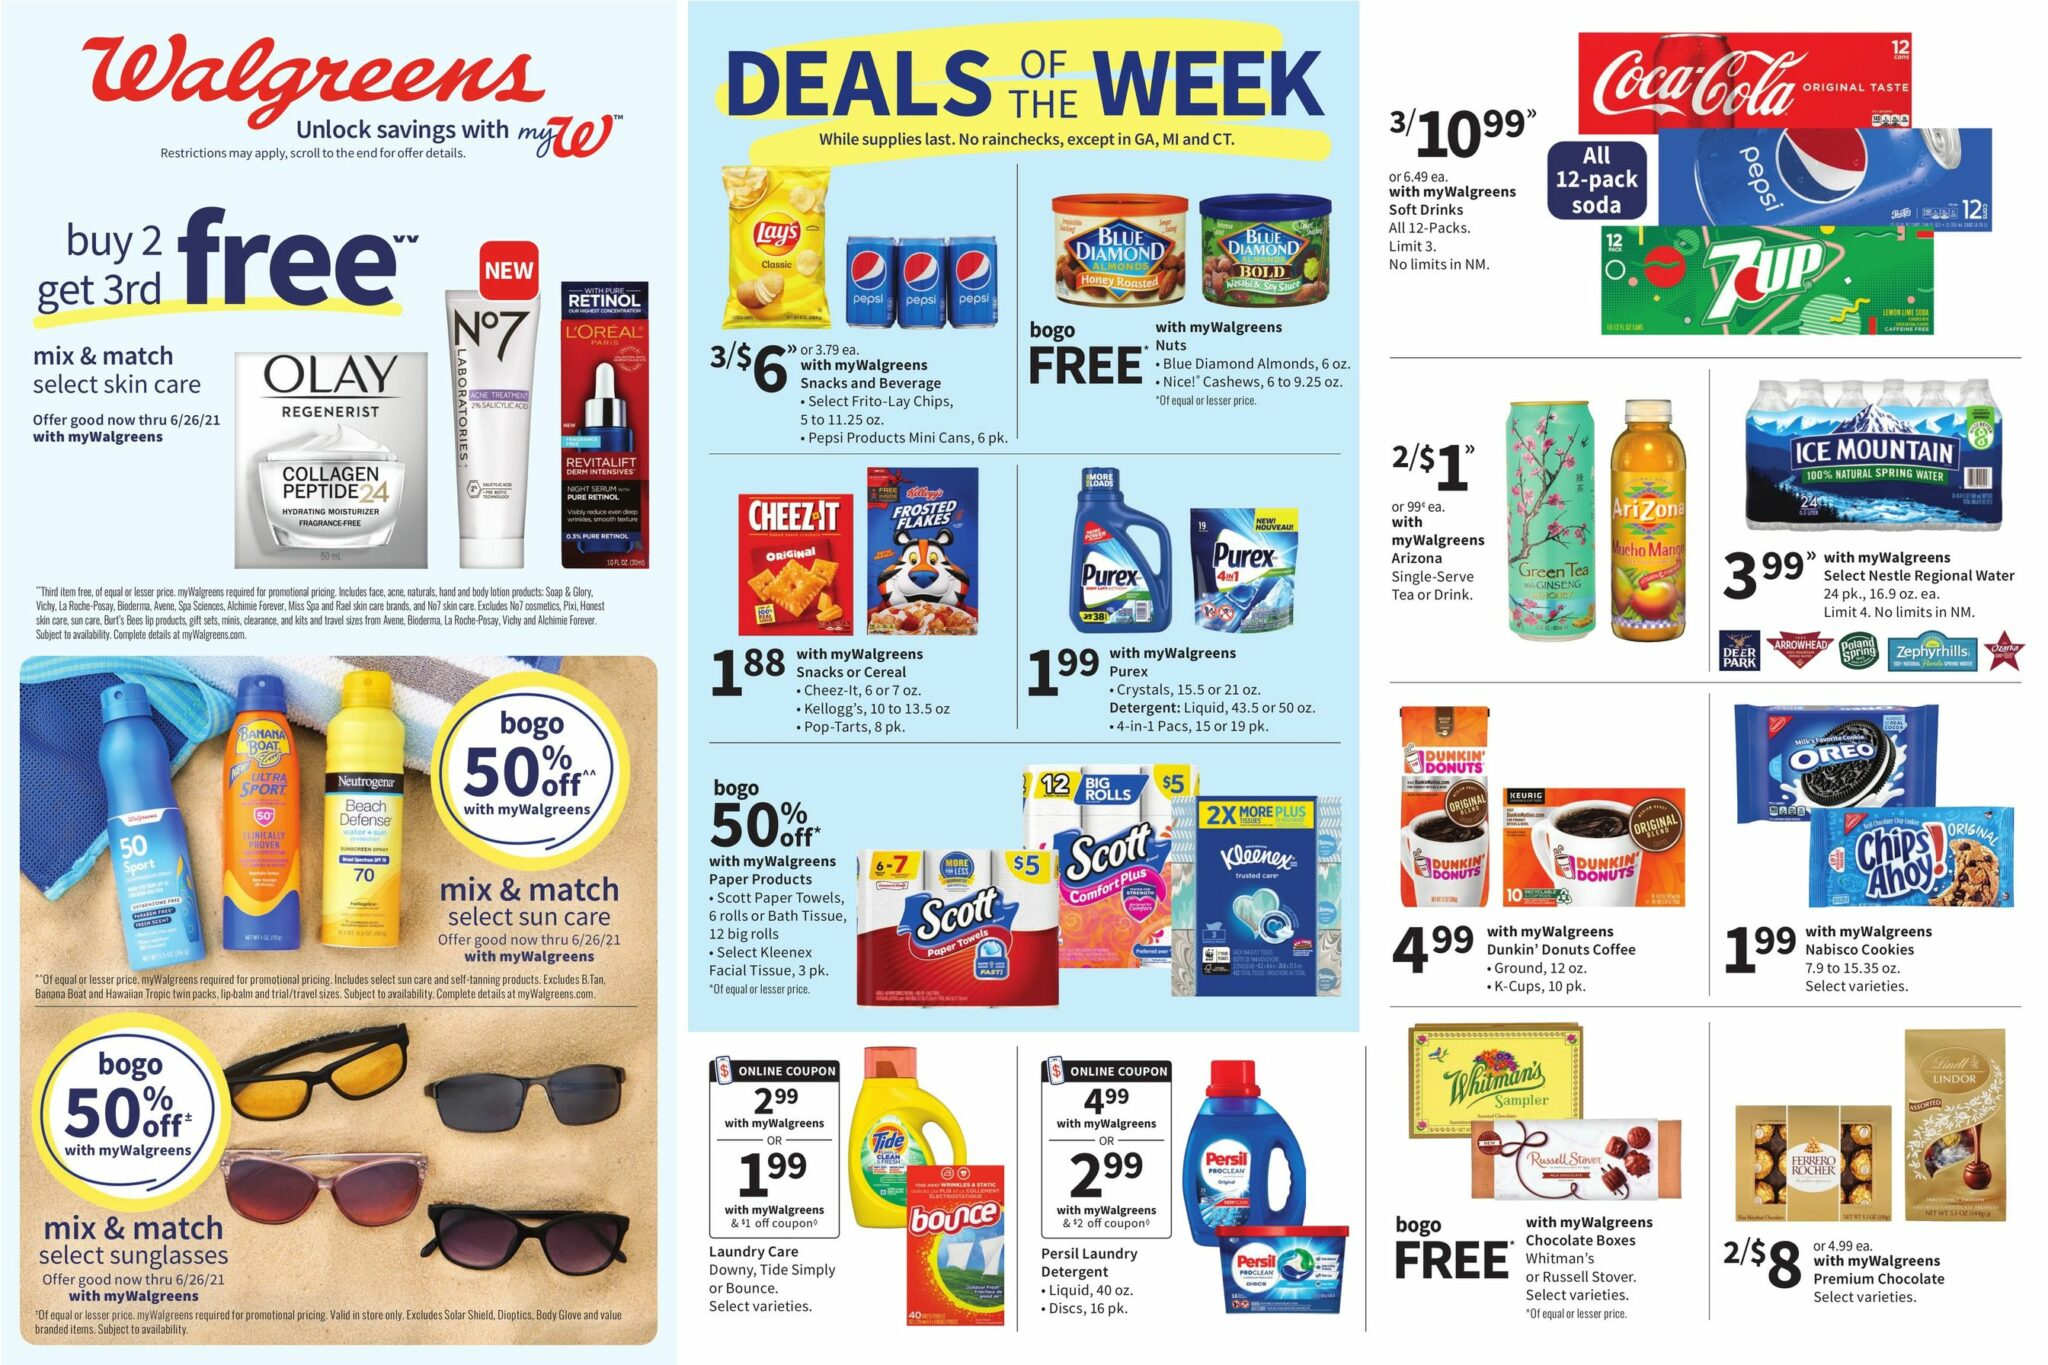 Walgreens Weekly Ad Sale June 13 - June 19, 2021